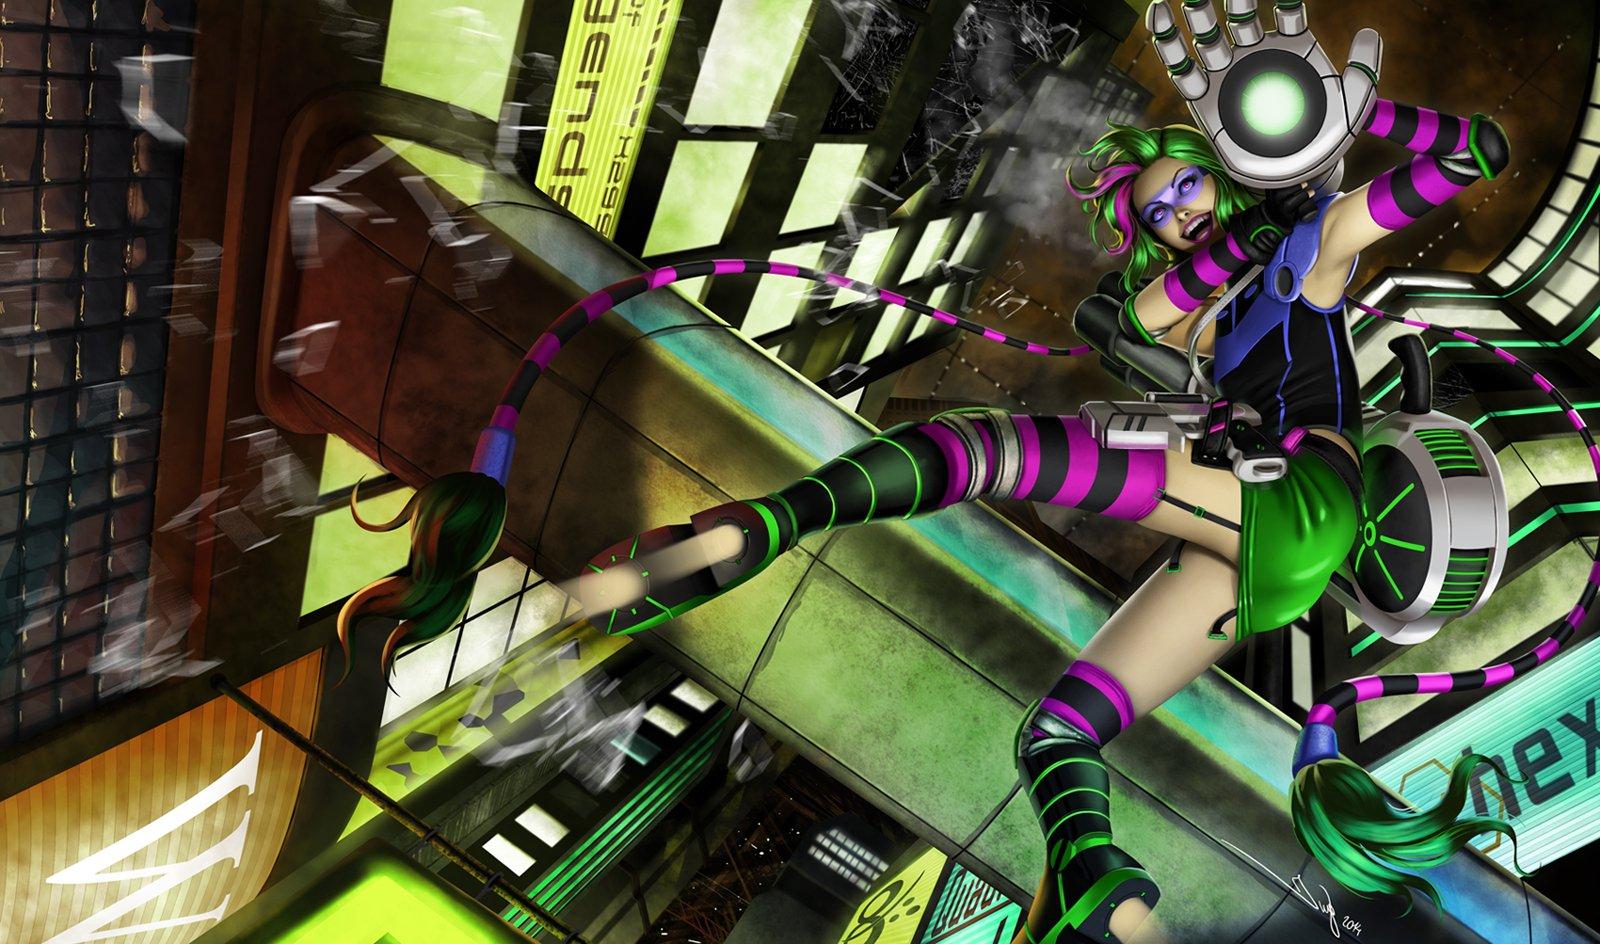 Cyberpunk Jinx